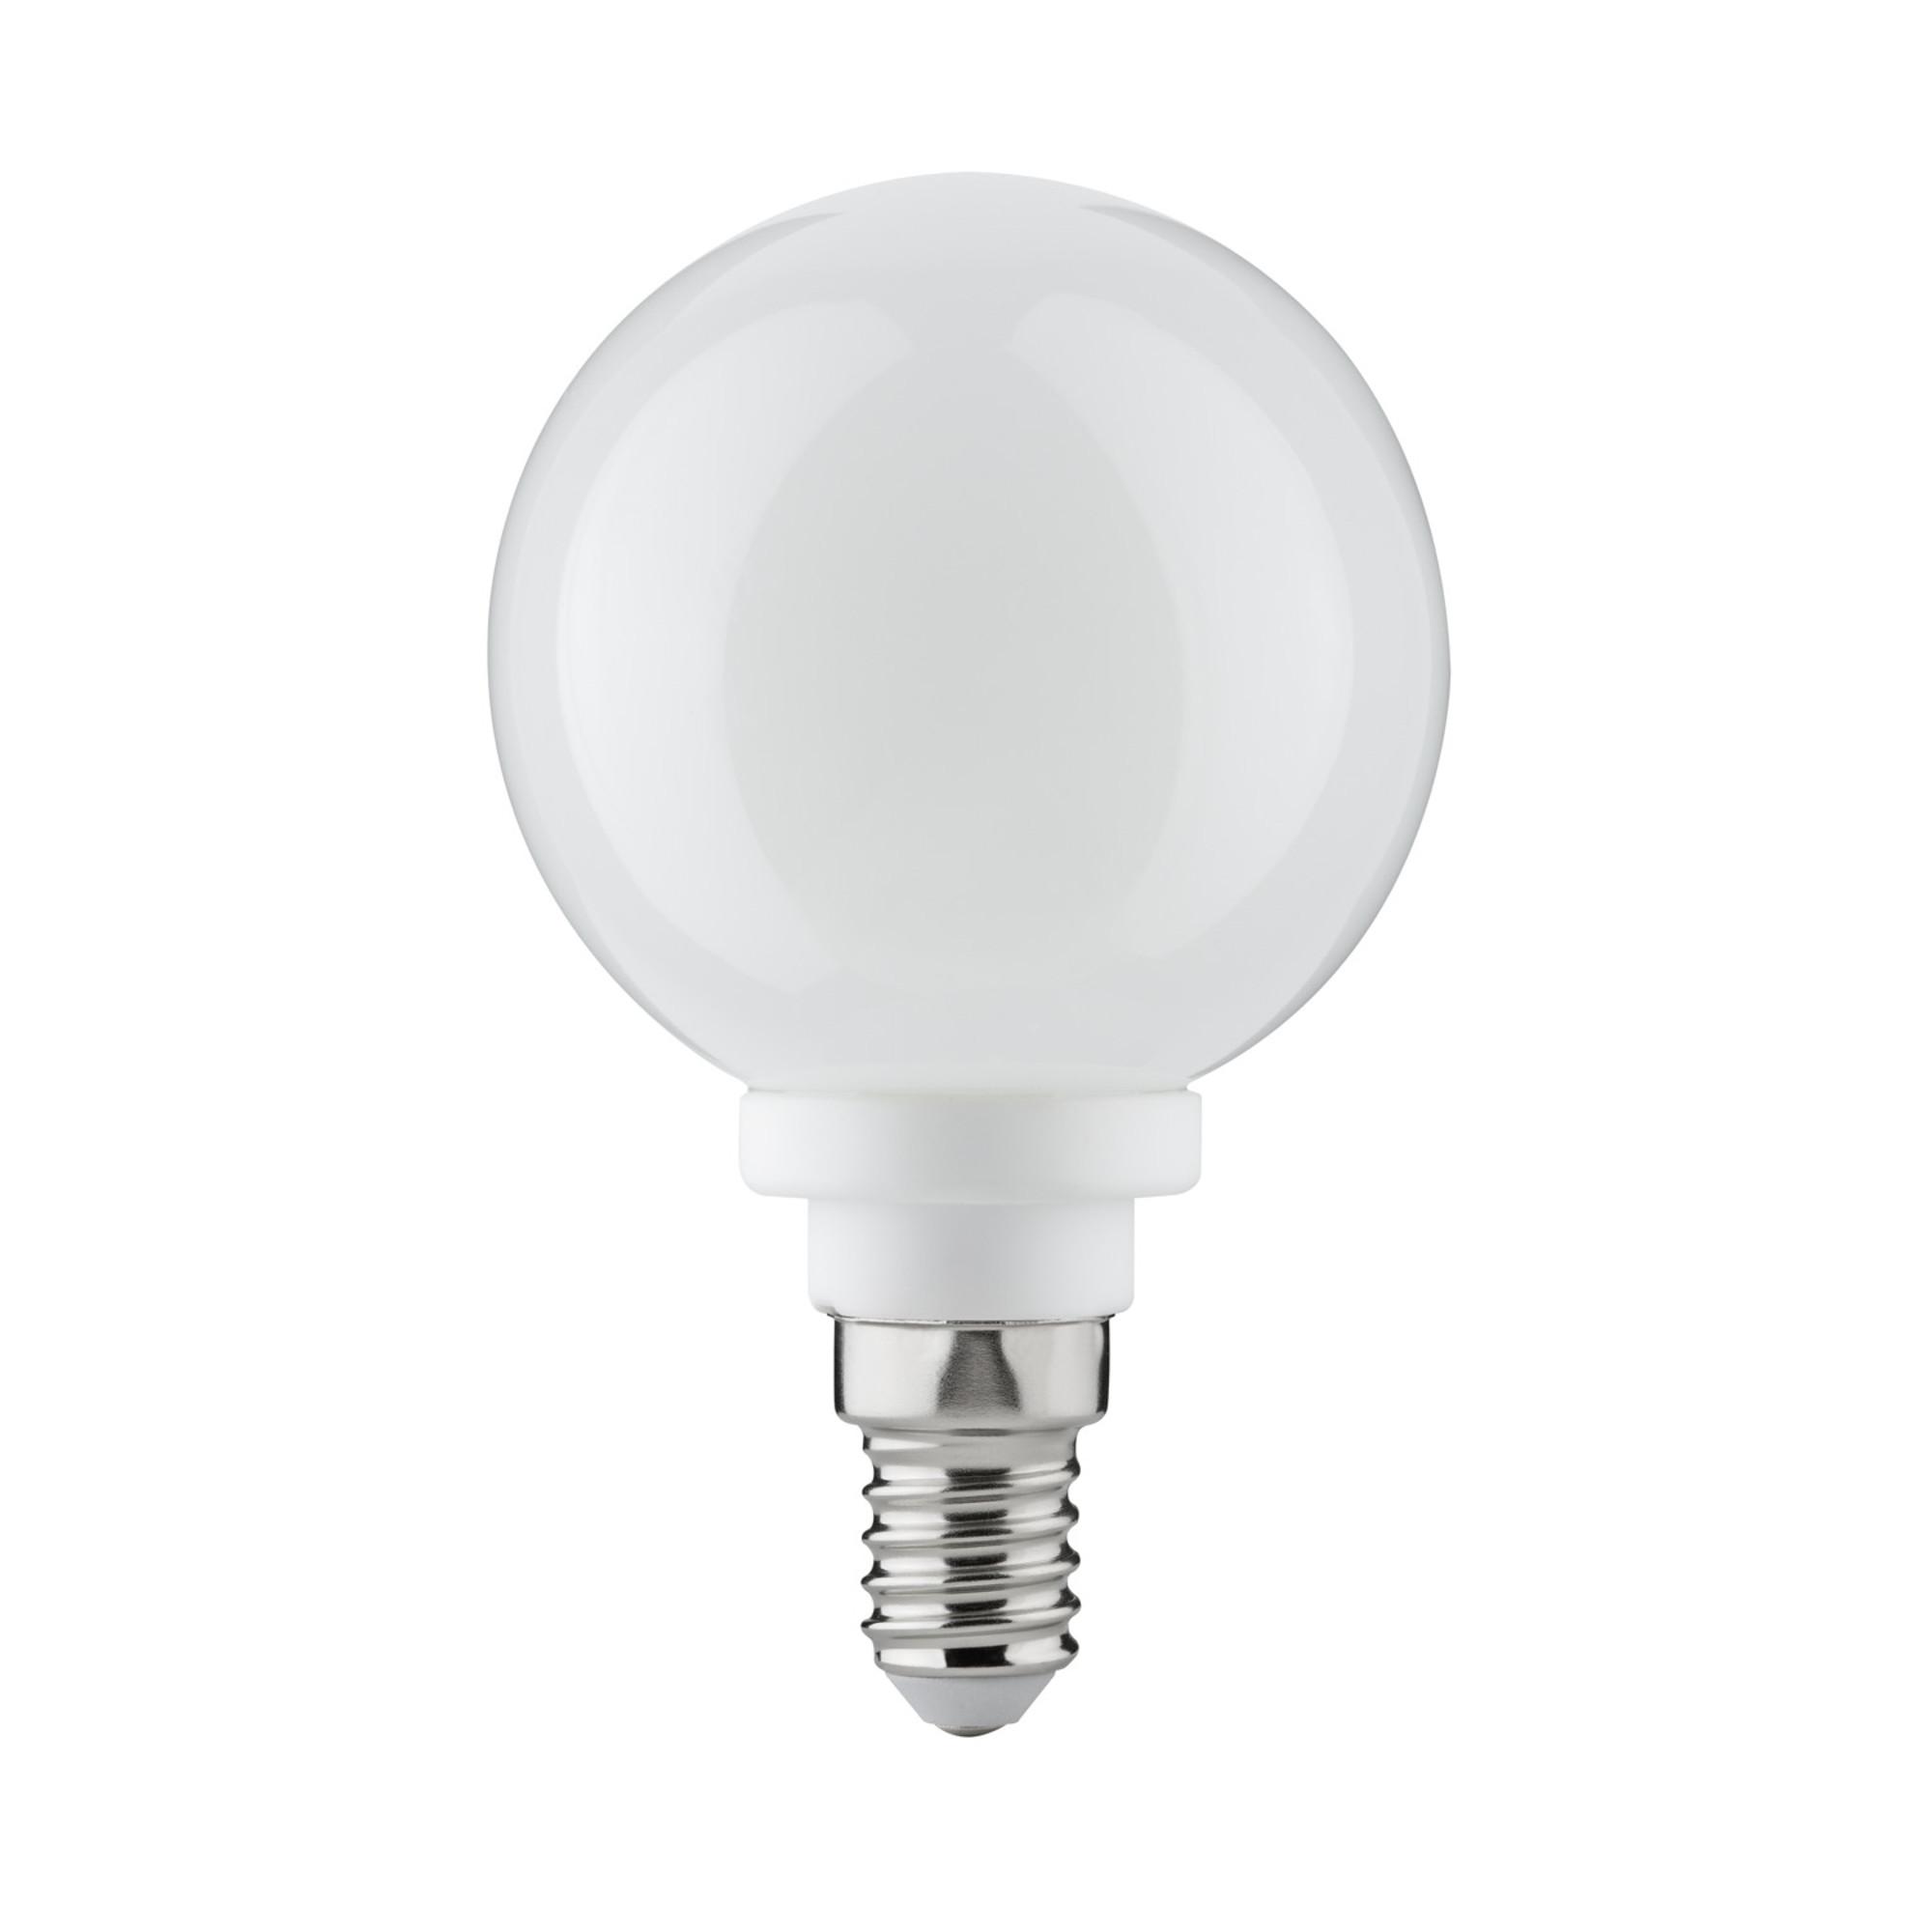 Лампа Paulmann 28314 E14 370 Лм теплый свет